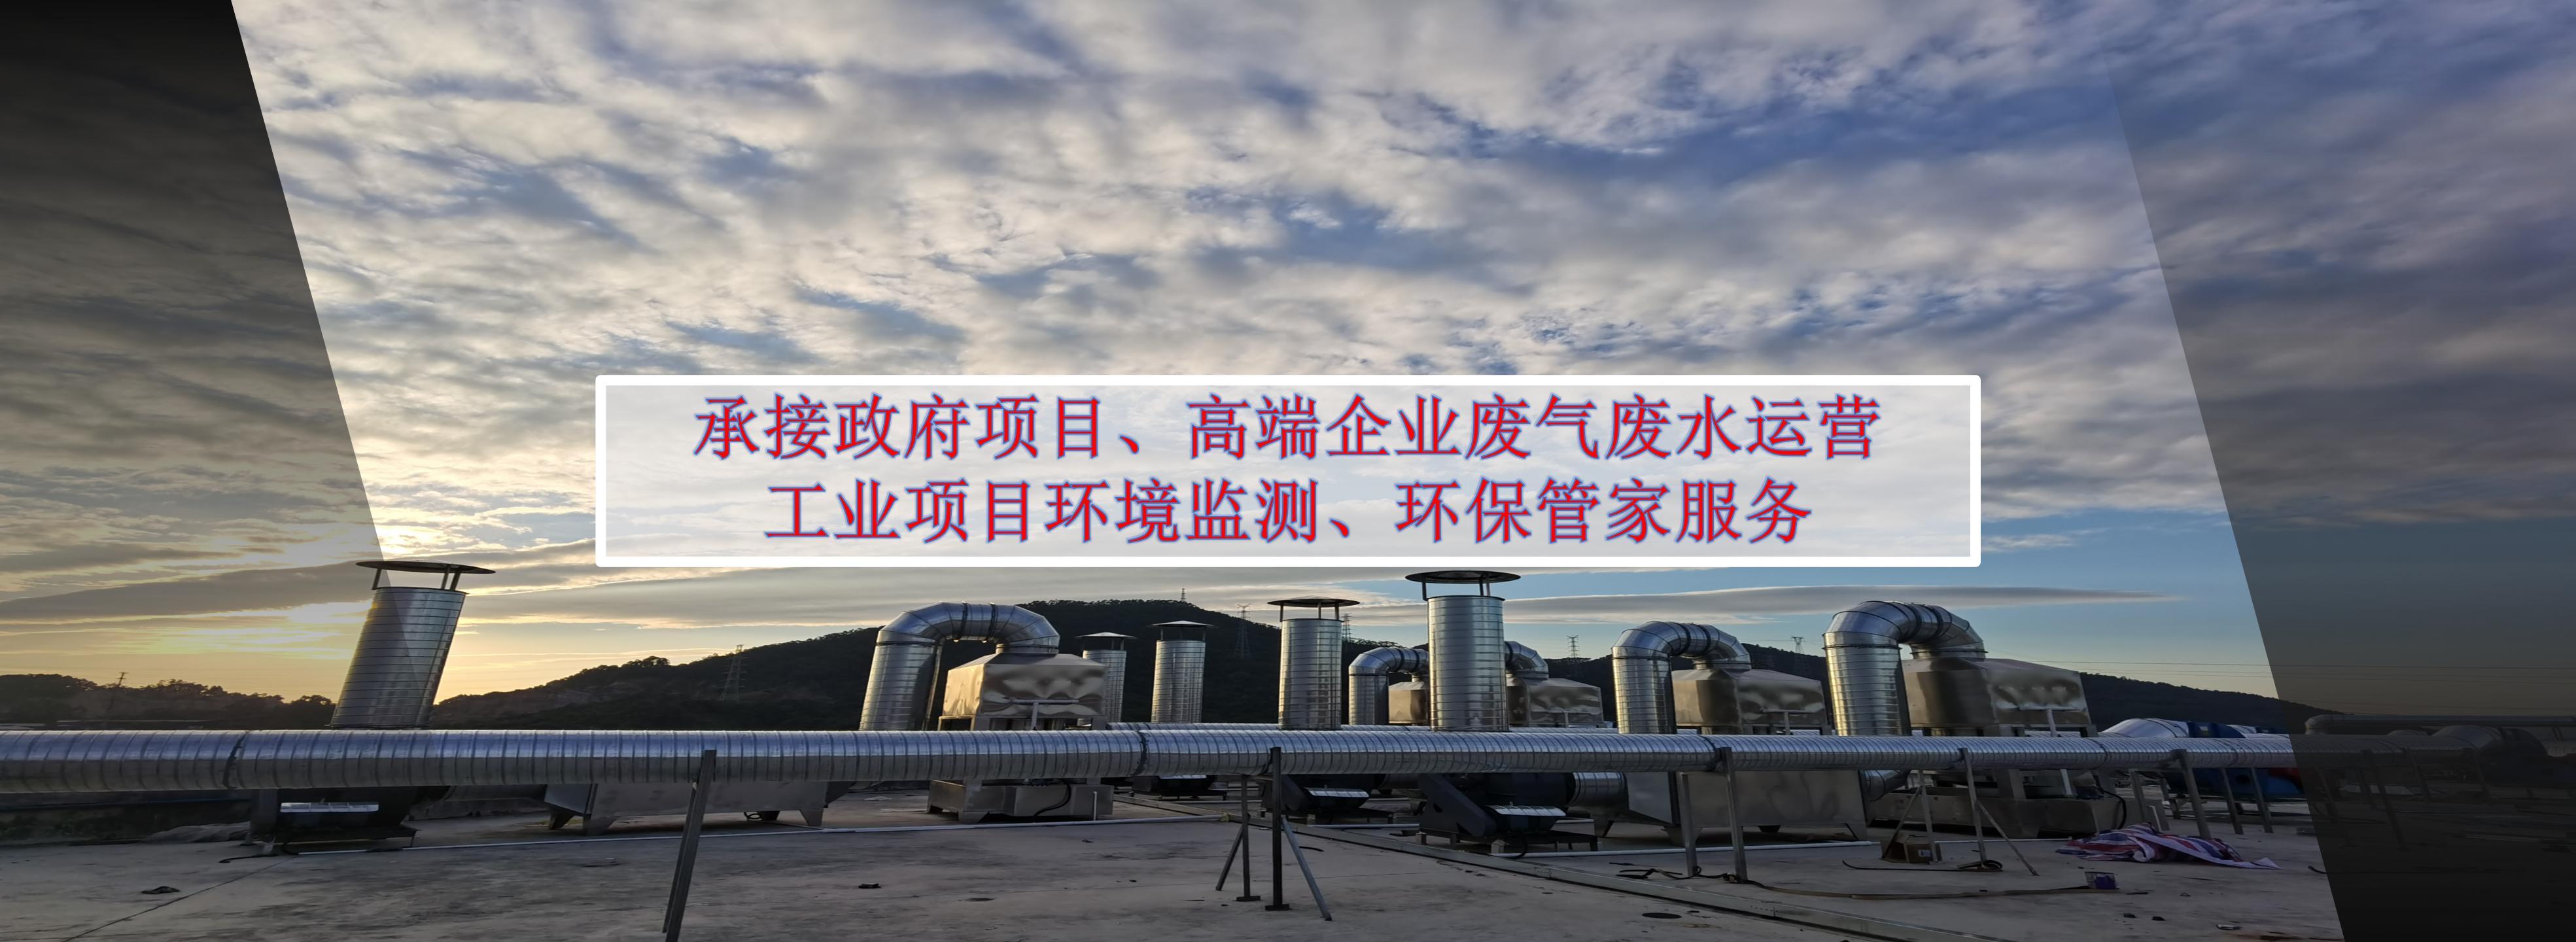 广东环保公司